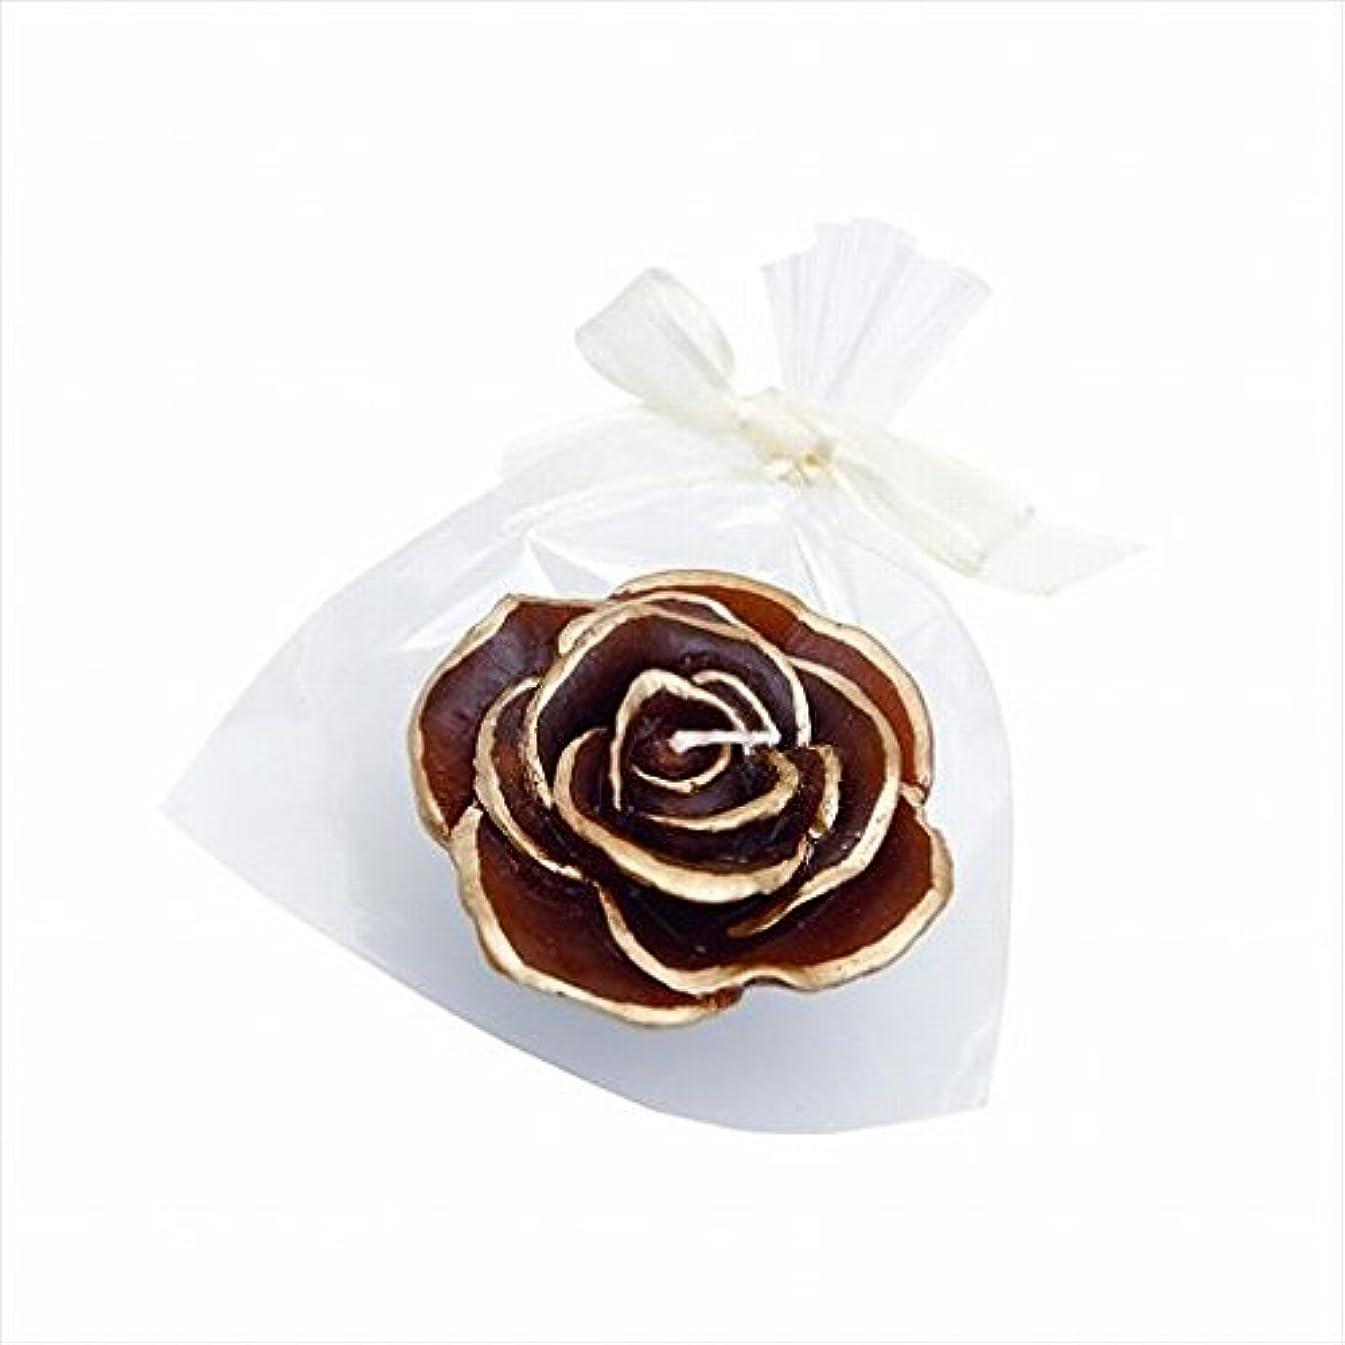 精神医学他の日ごめんなさいカメヤマキャンドル(kameyama candle) プリンセスローズ 「 チョコレート 」